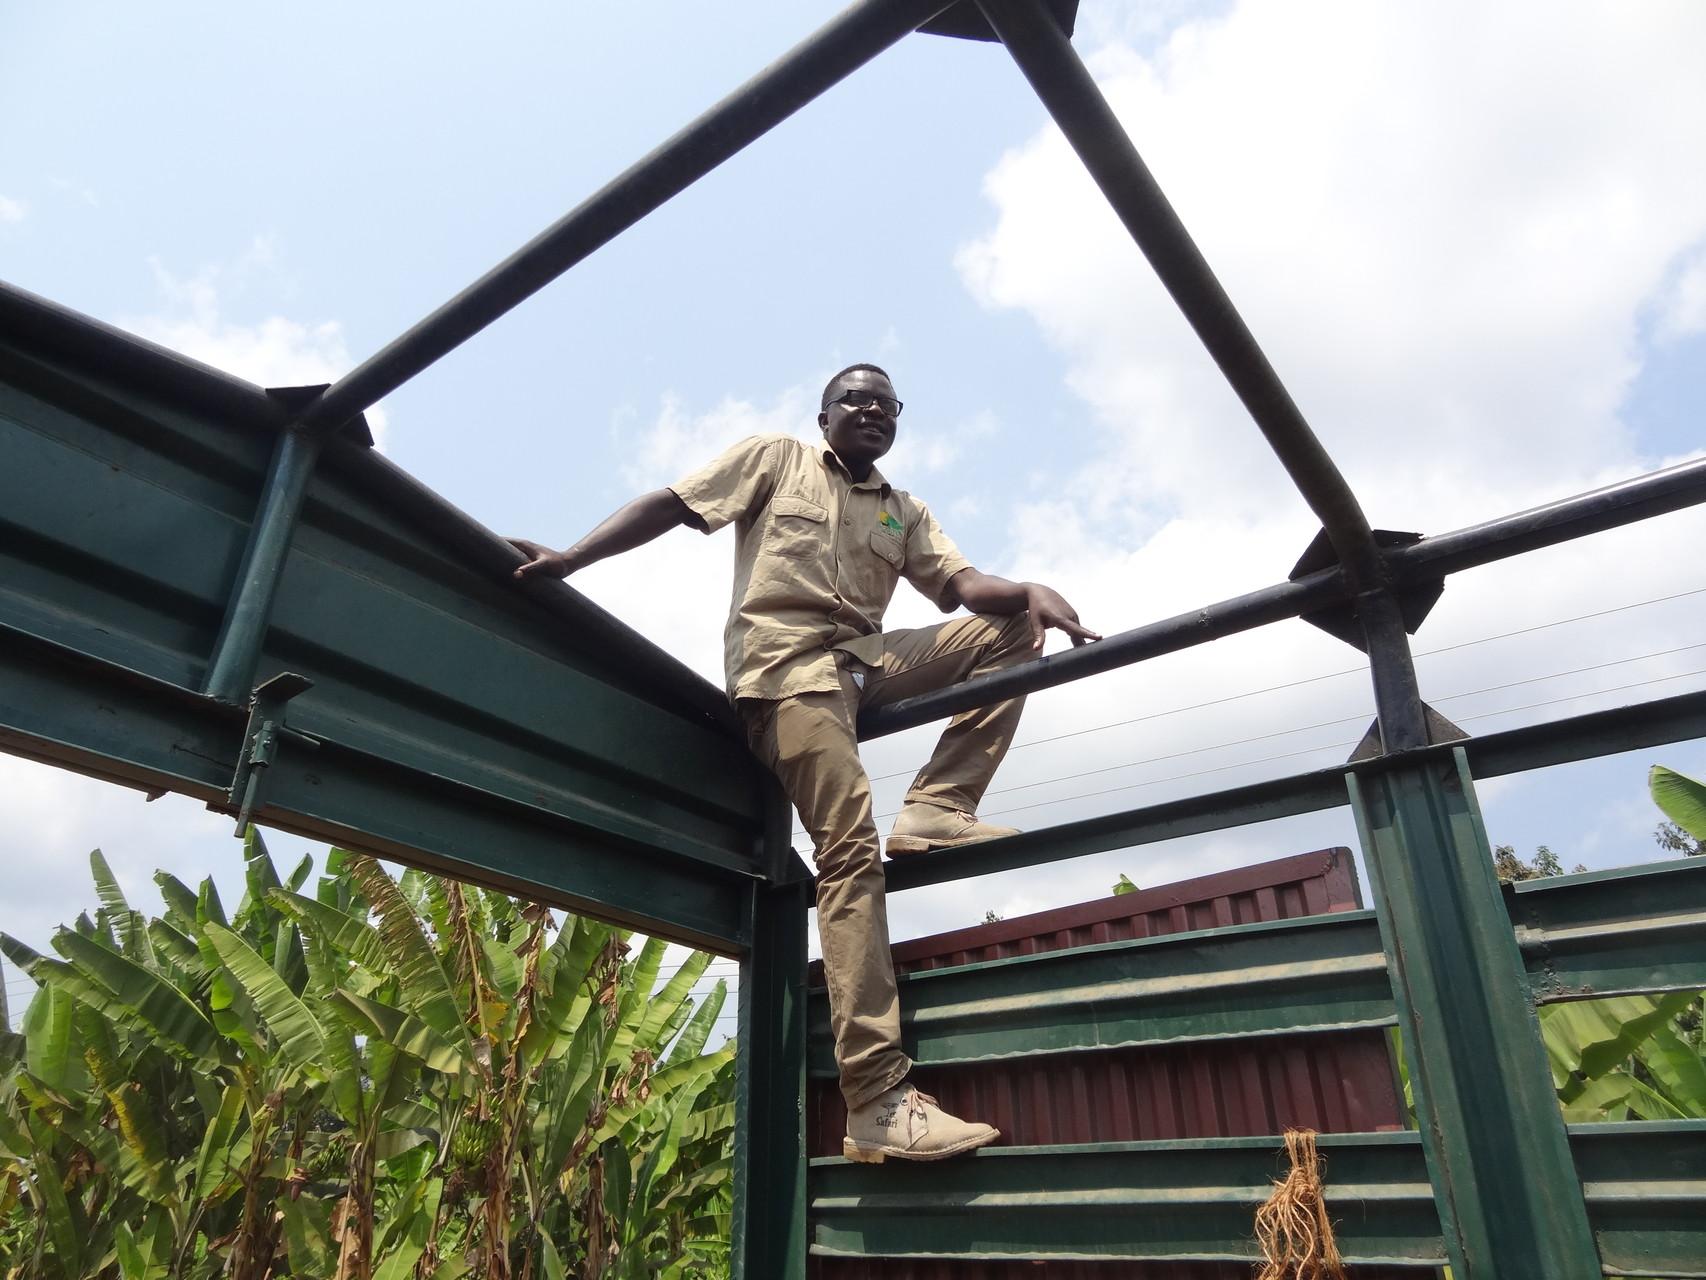 Unser Guide James auf dem Dach eines Lasters.